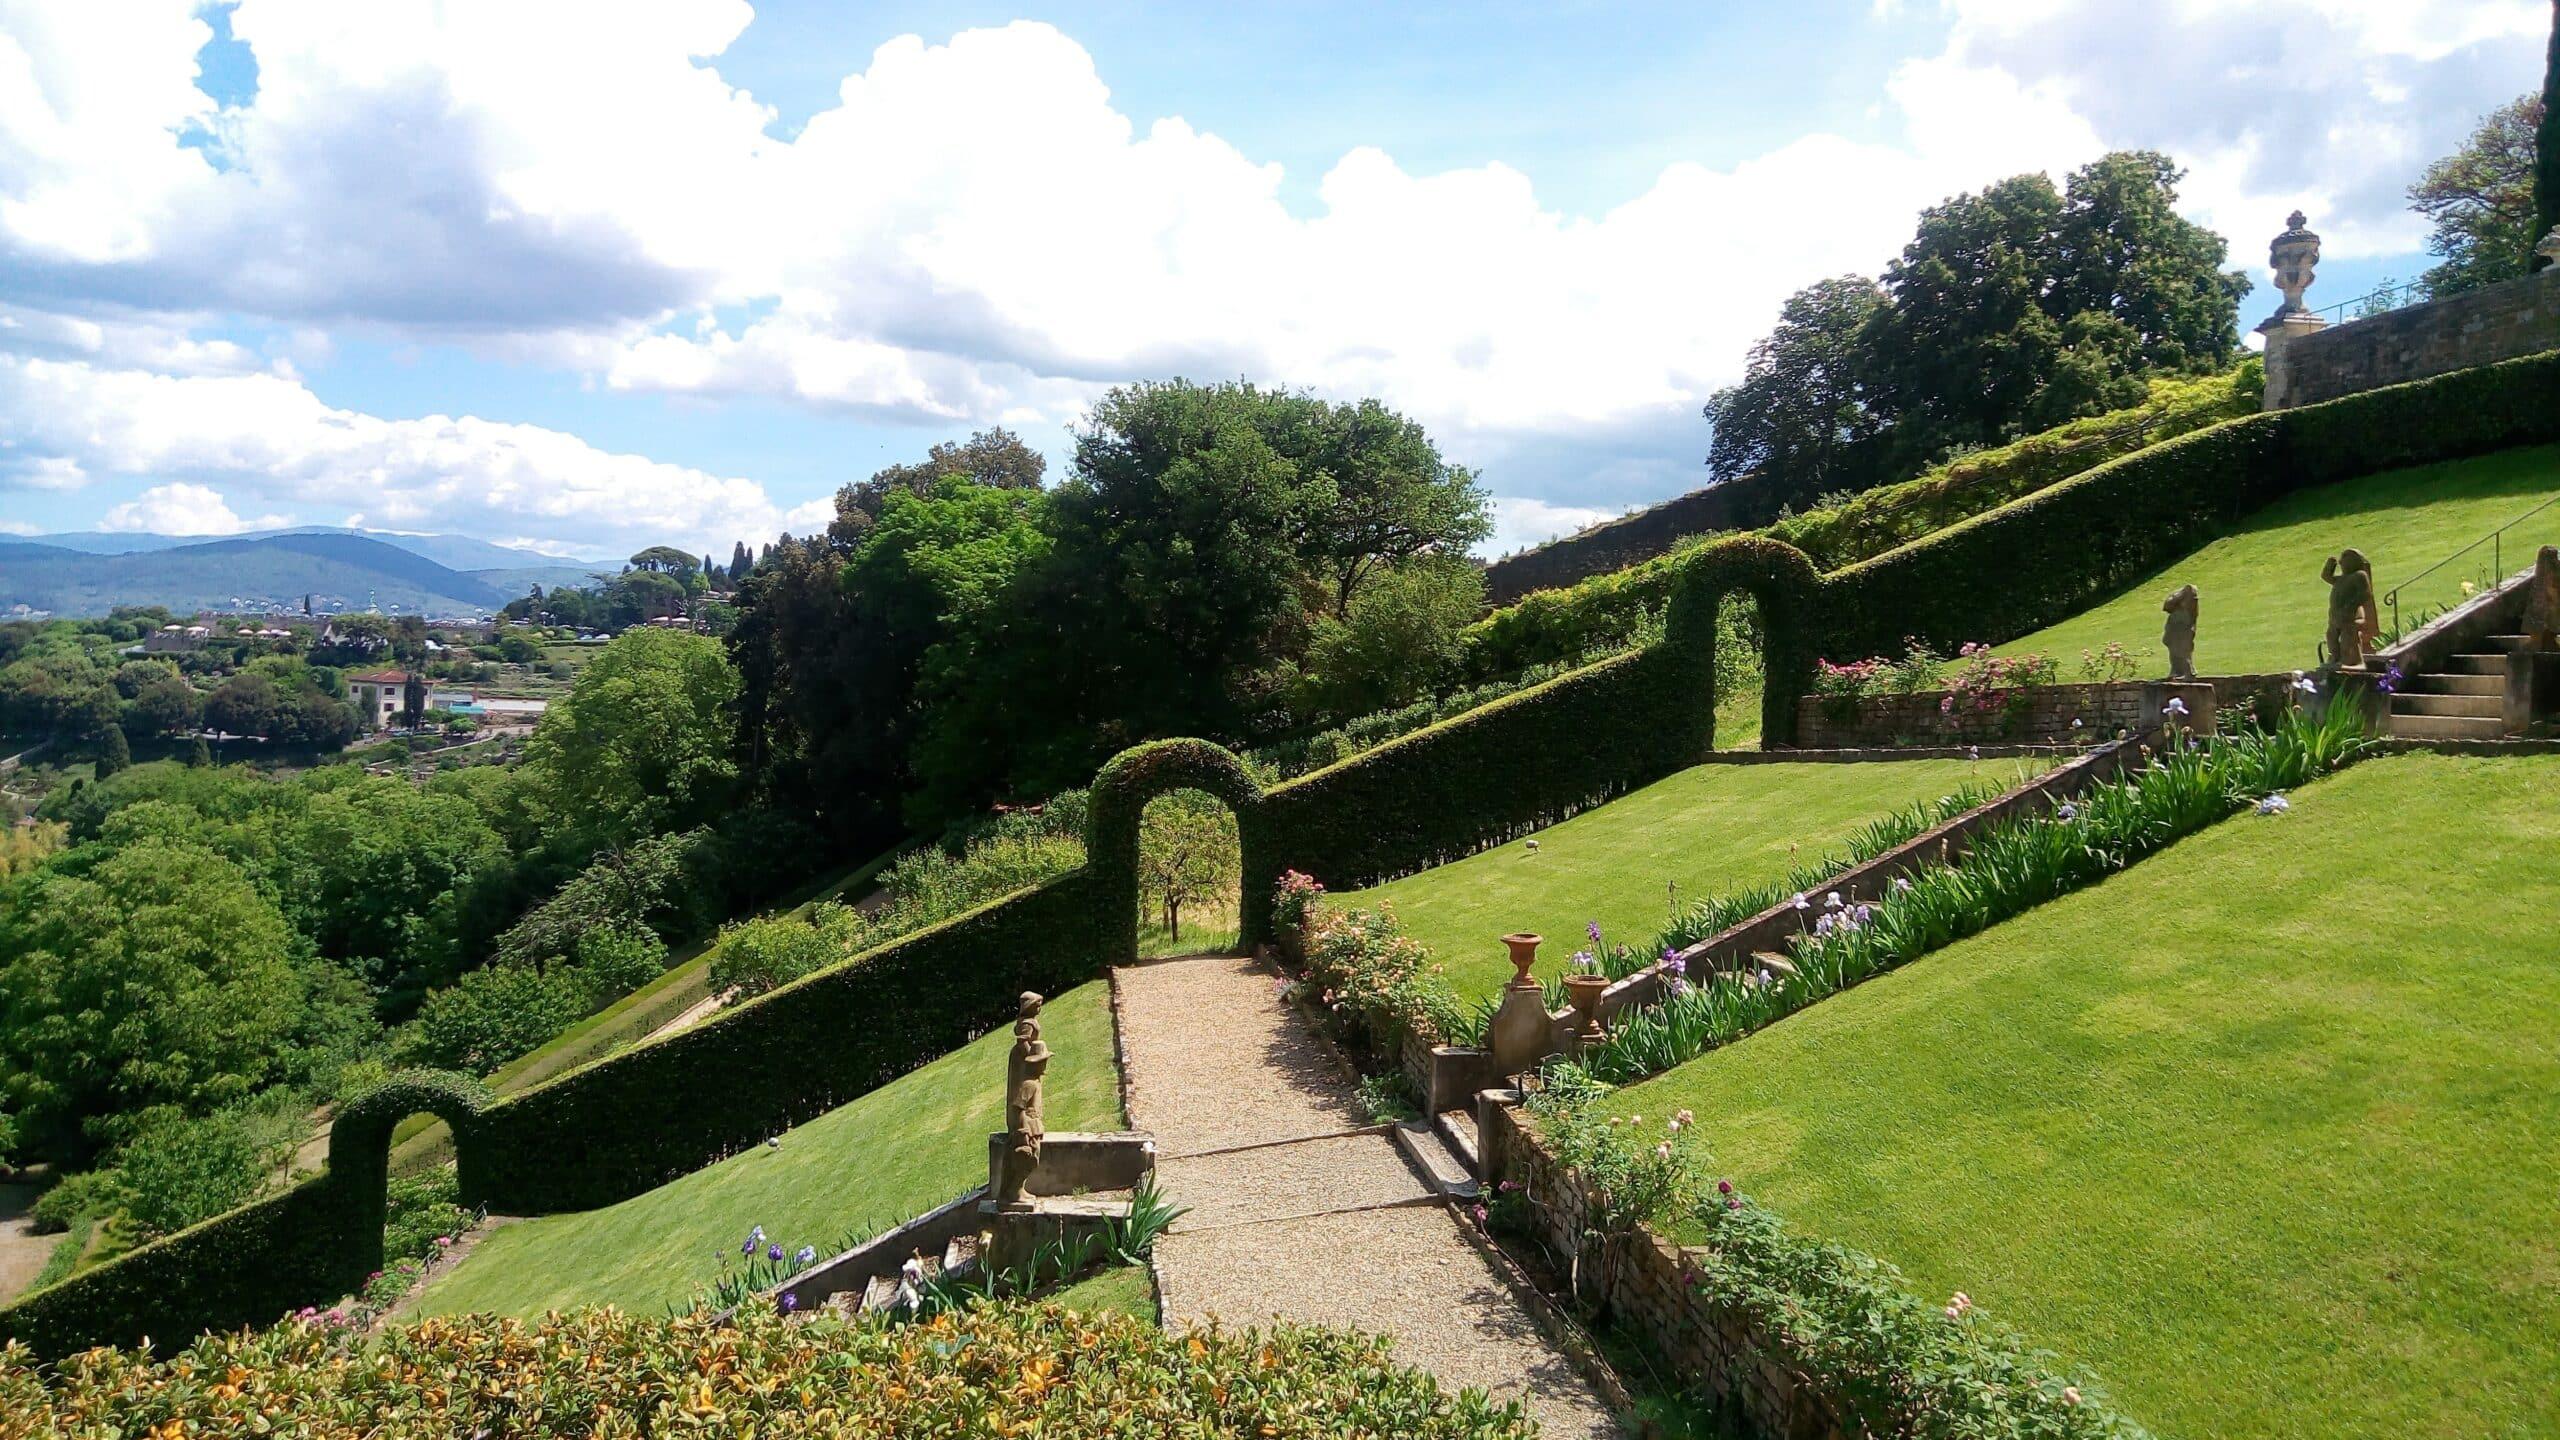 """La """"Greenway"""" de Florencia: visita guiada del jardín de Boboli y del jardín Bardini"""